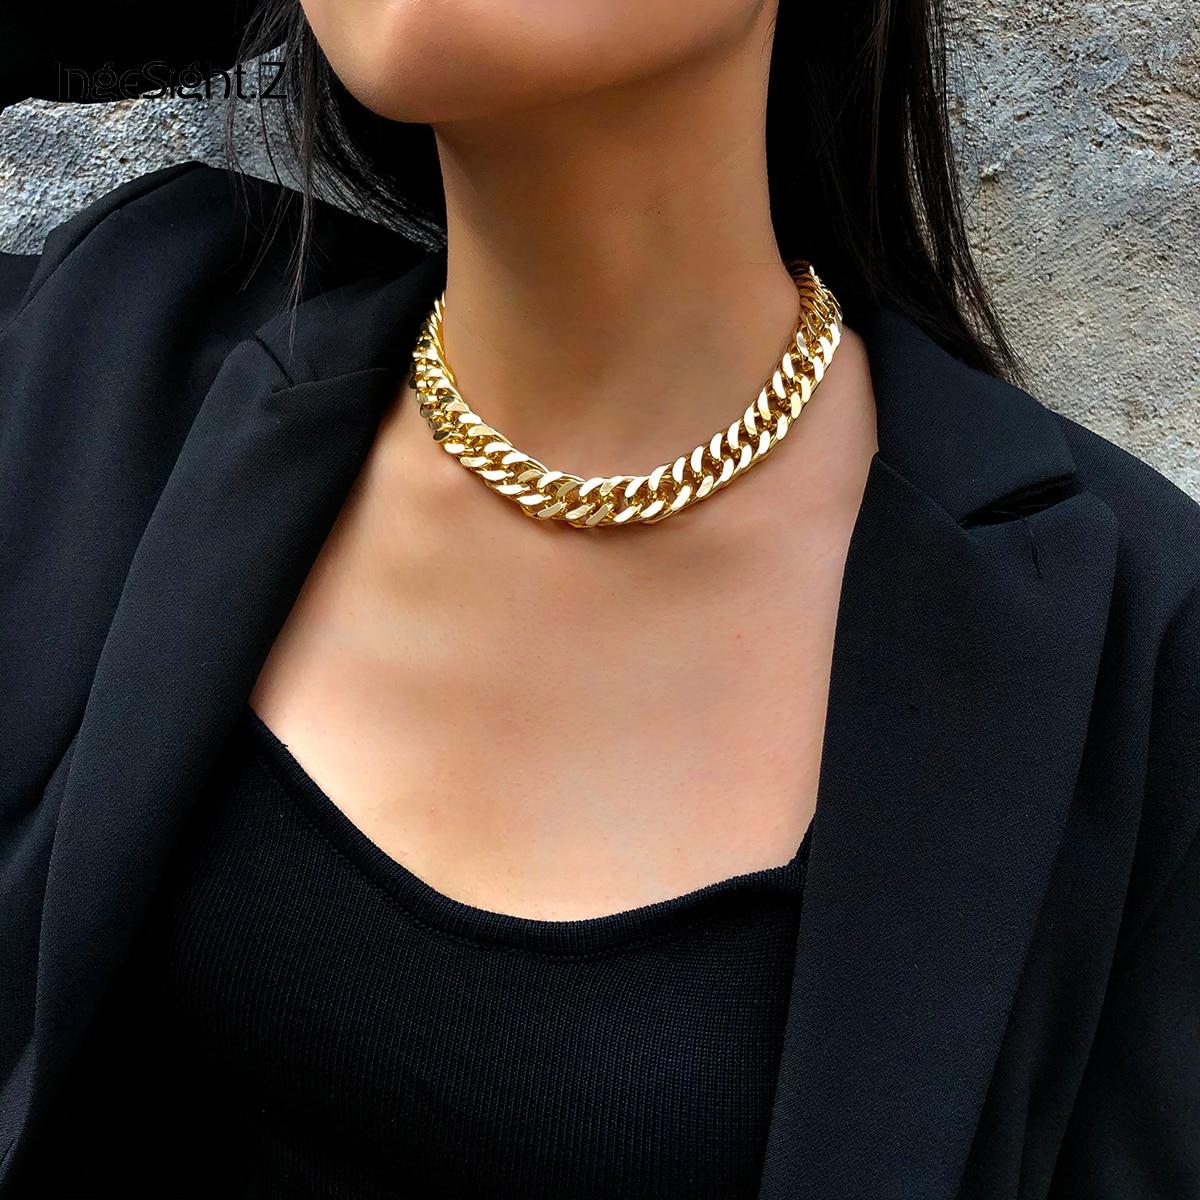 IngeSight. Z панк хип хоп панцирное кубинское толстое короткое колье, мужское простое минималистичное массивное ожерелье воротник, Женские Ювелирные изделия, вечерние|Ожерелья-чокеры| | - AliExpress